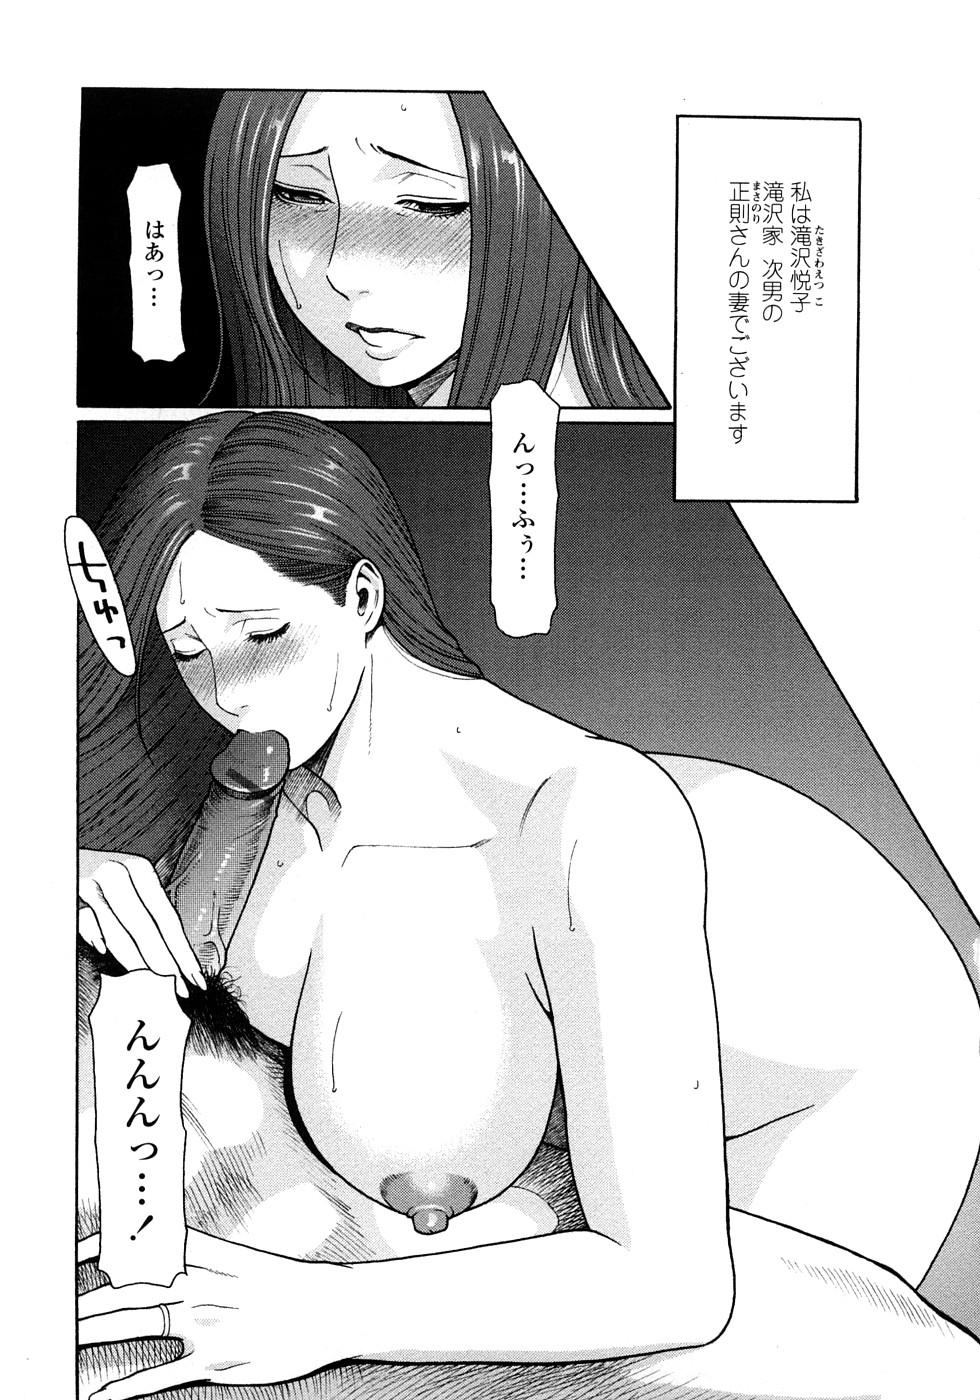 Etsuraku no Tobira - The Door of Sexual Pleasure 5